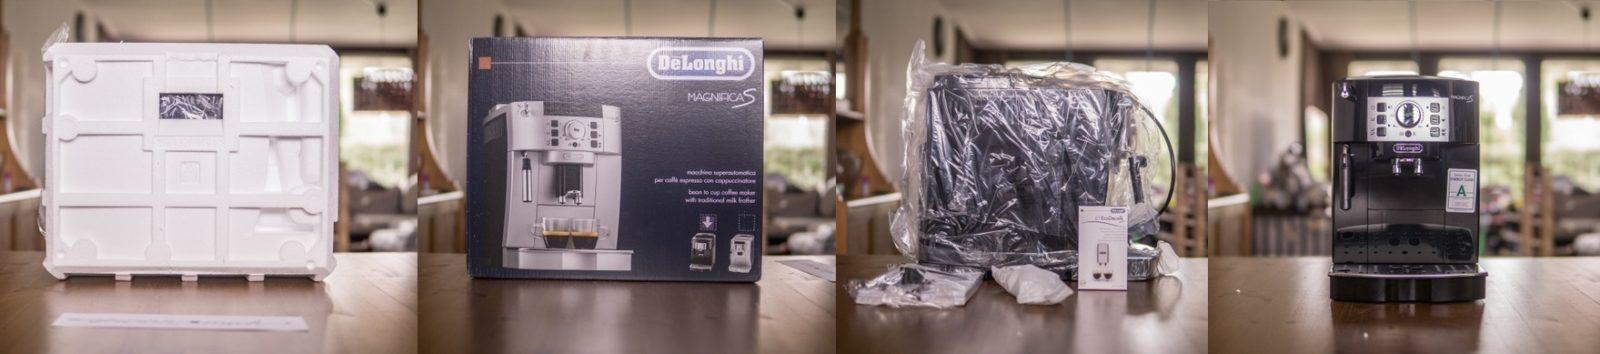 Vier Bilder vom Kaffeevollautomat wie er  ausgepackt wird.